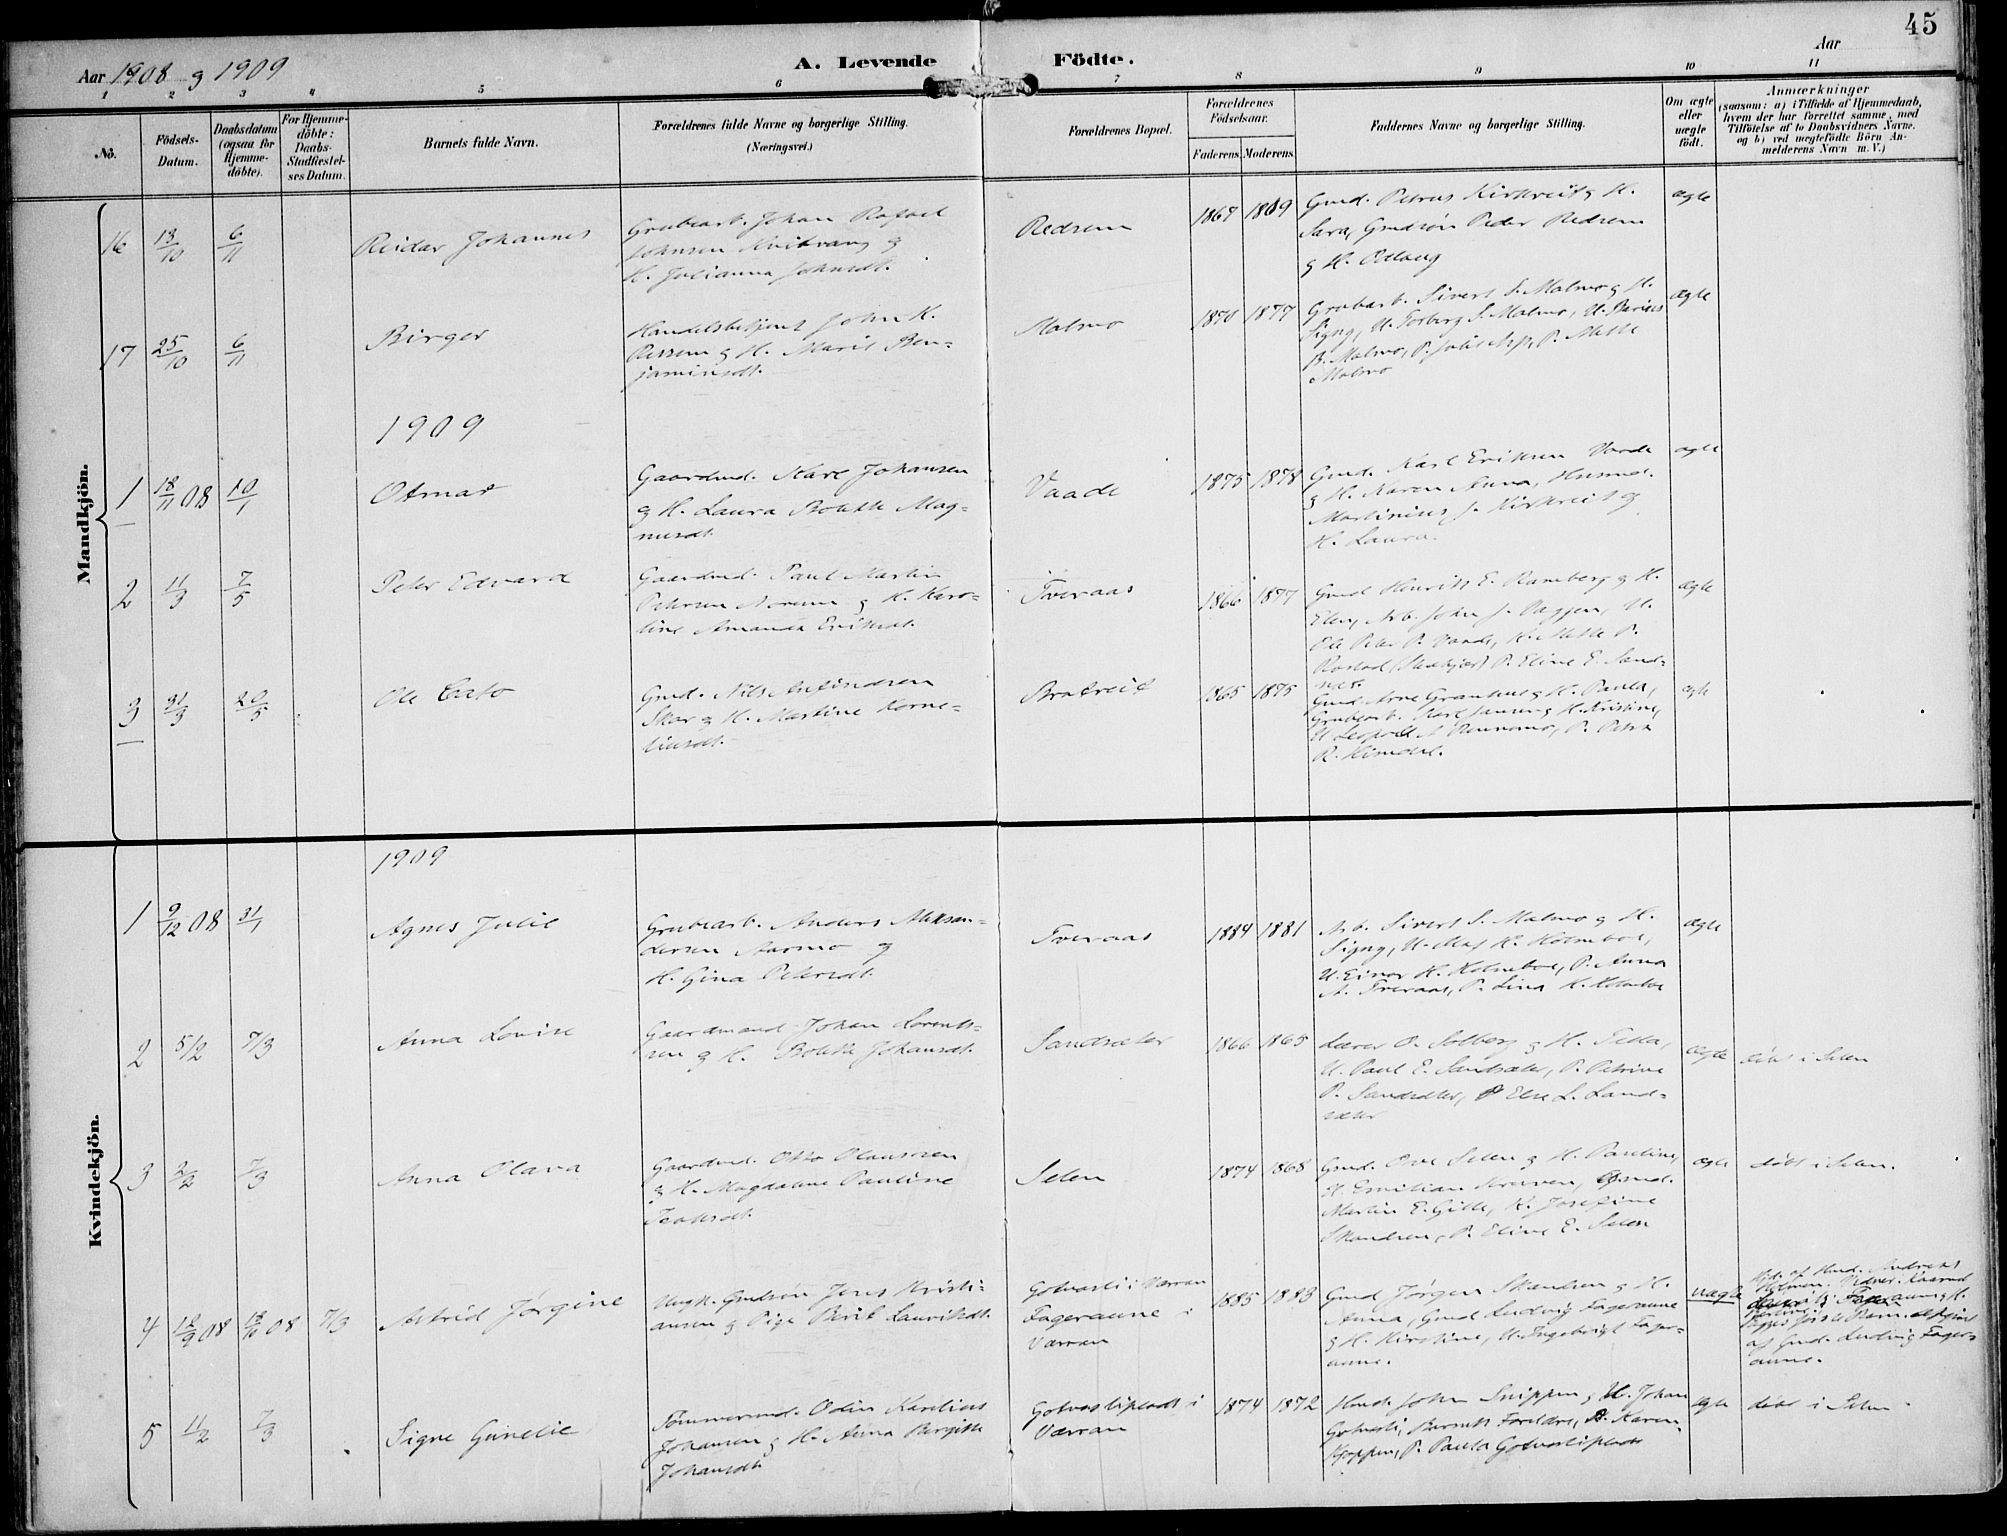 SAT, Ministerialprotokoller, klokkerbøker og fødselsregistre - Nord-Trøndelag, 745/L0430: Ministerialbok nr. 745A02, 1895-1913, s. 45